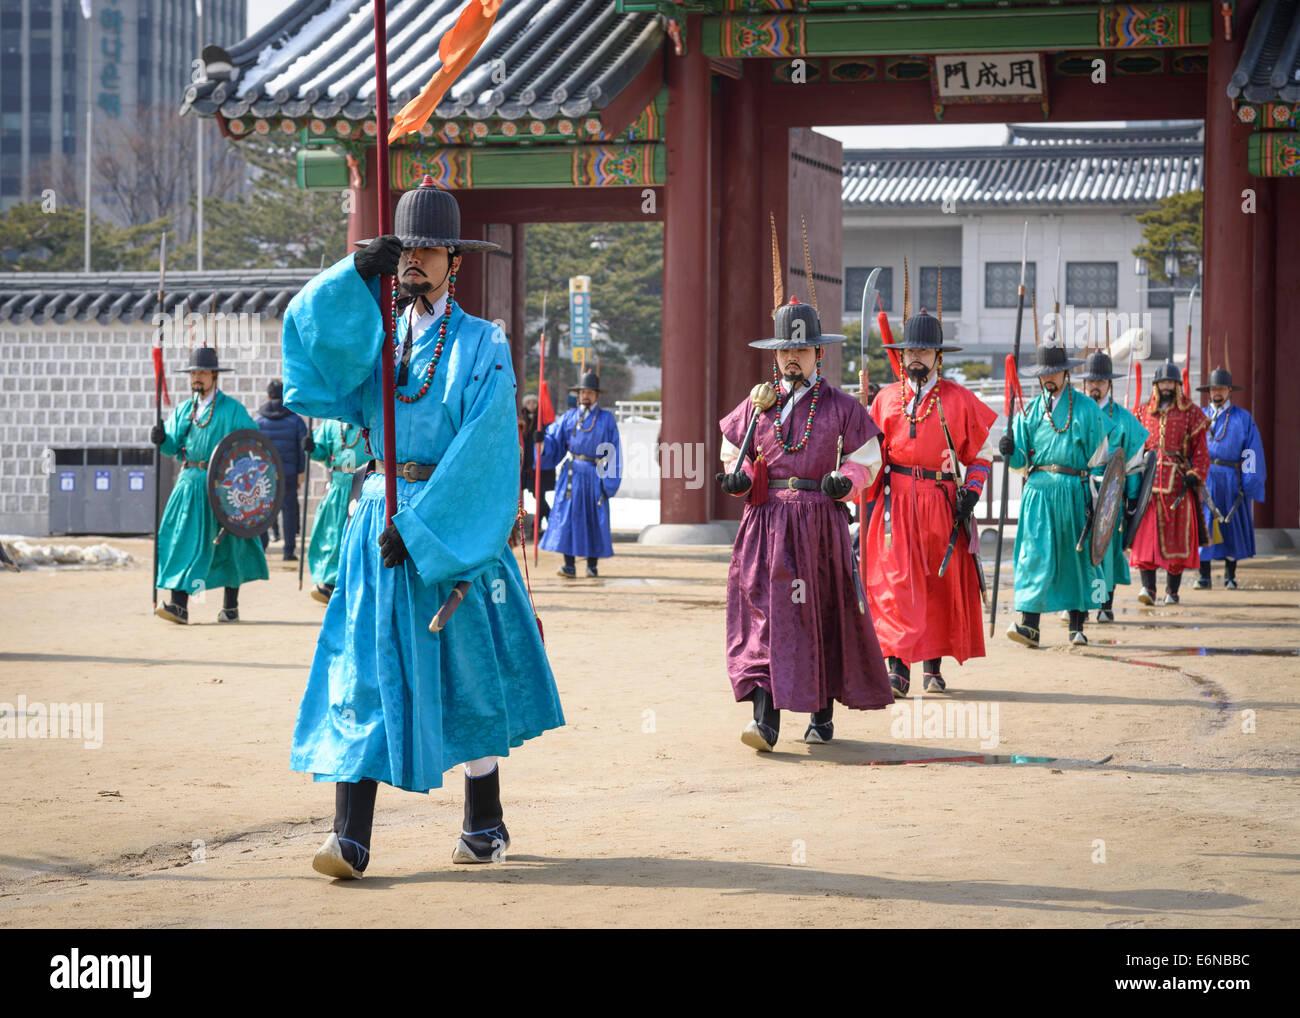 Cambio della guardia reale presso il Palazzo Gyeongbokgung a Seul, in Corea del Sud. Immagini Stock